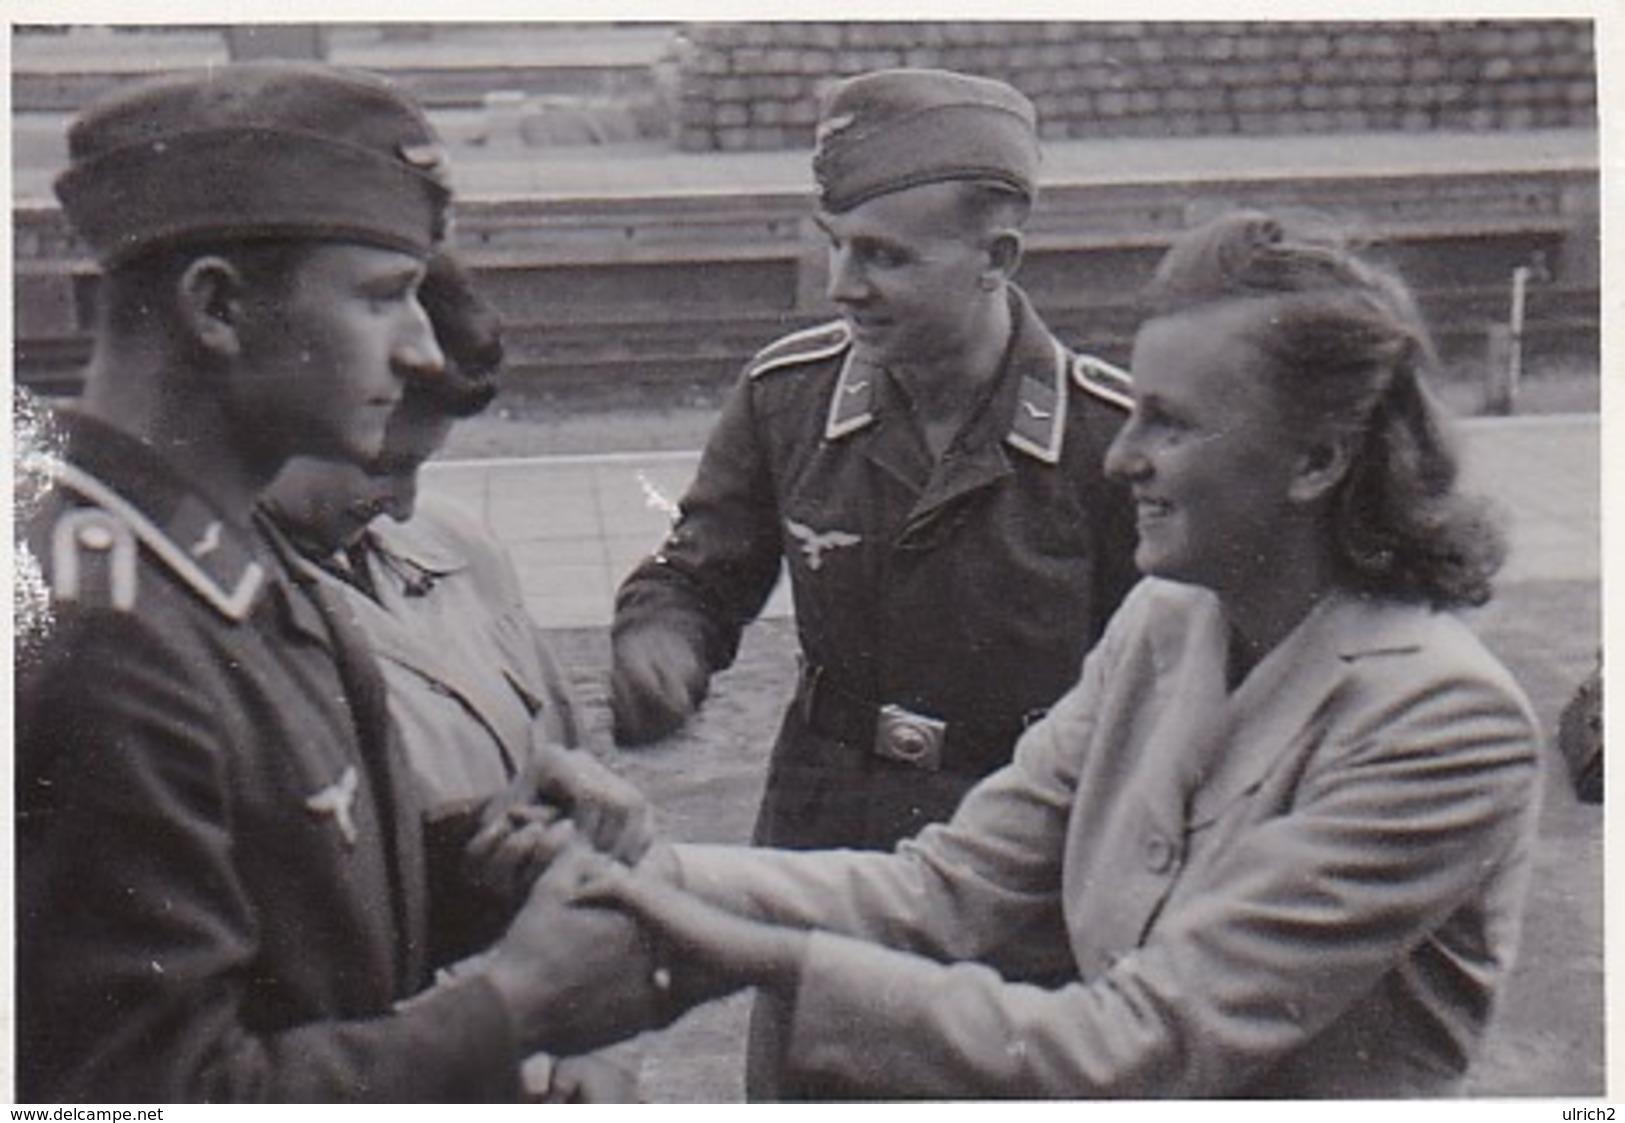 Foto 2 Deutsche Soldaten Mit Frauen - 2. WK - 8*5cm (44038) - Krieg, Militär